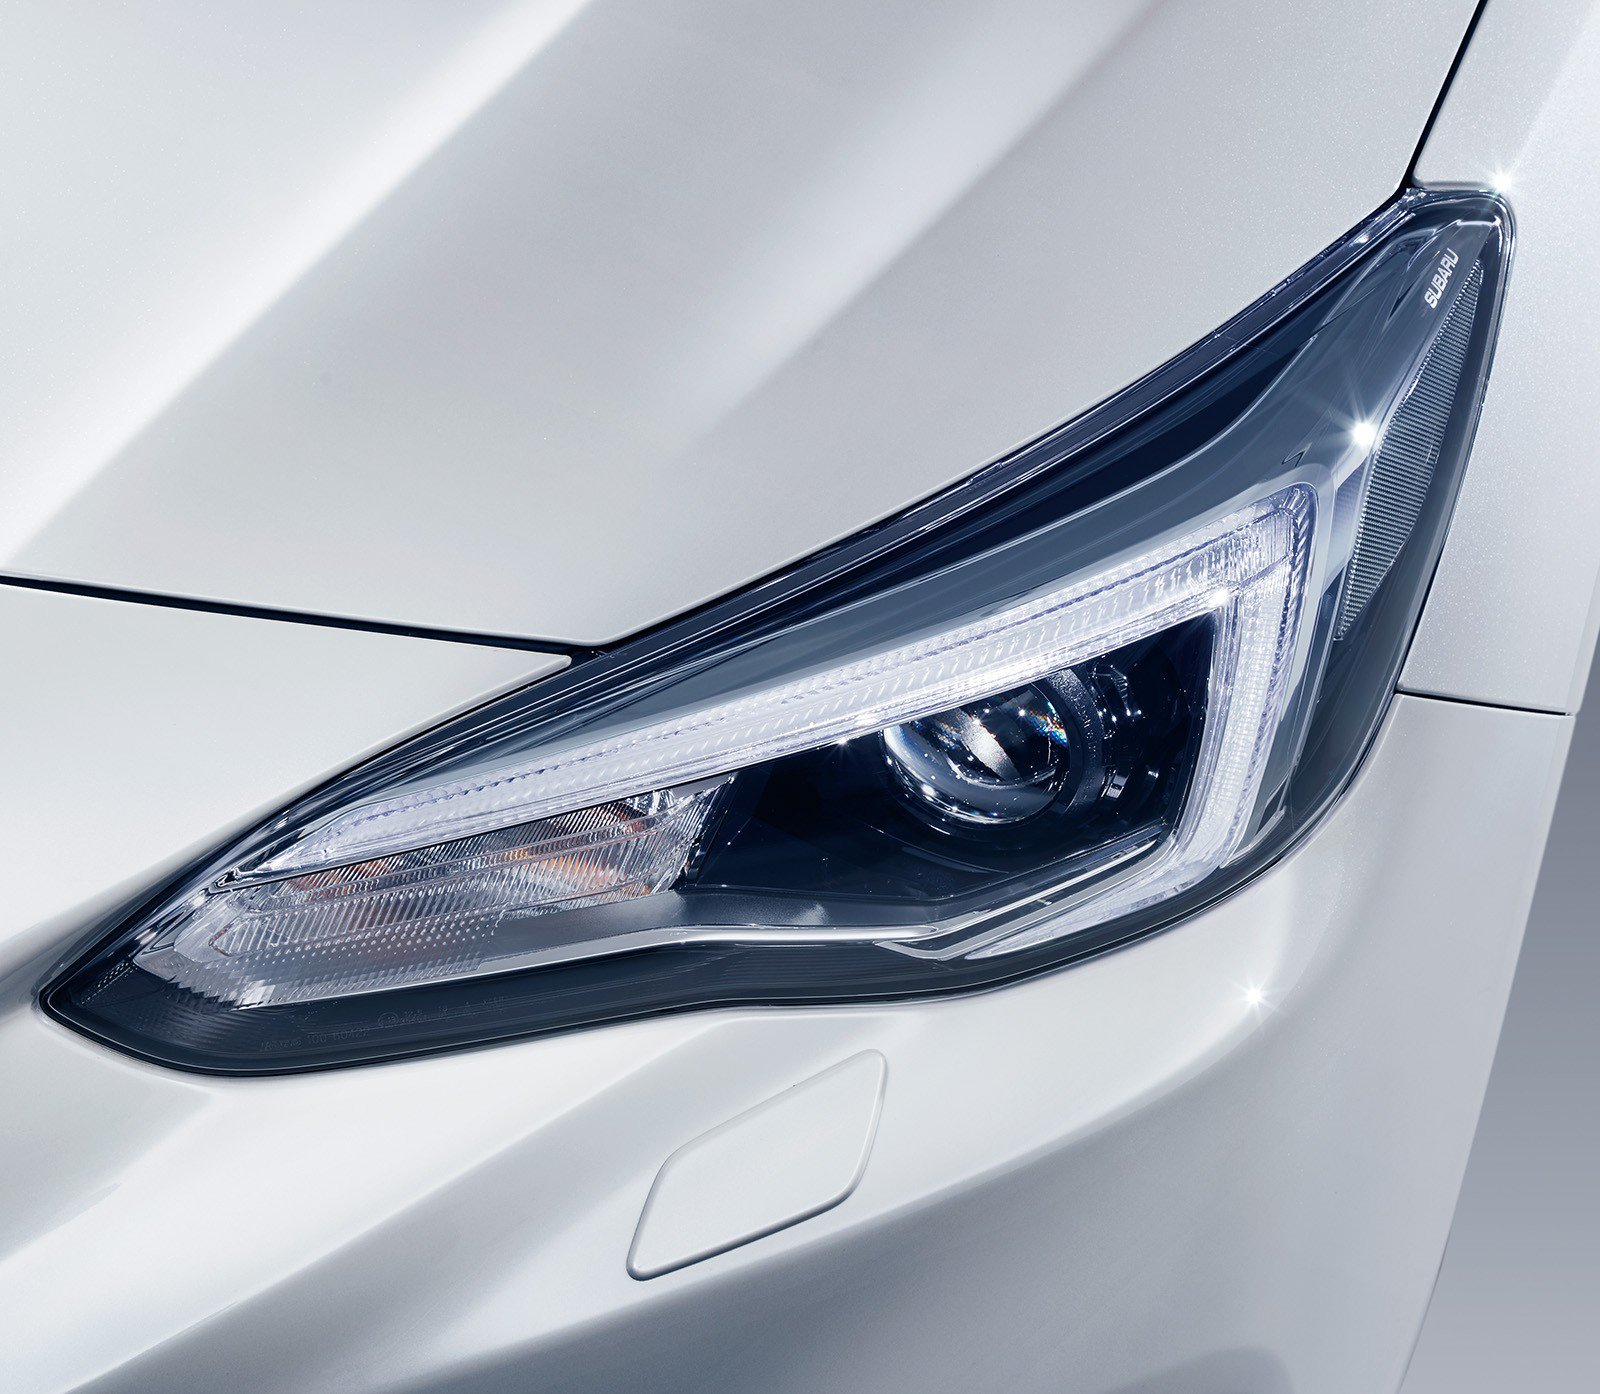 Subaru-Impreza-facelift-8